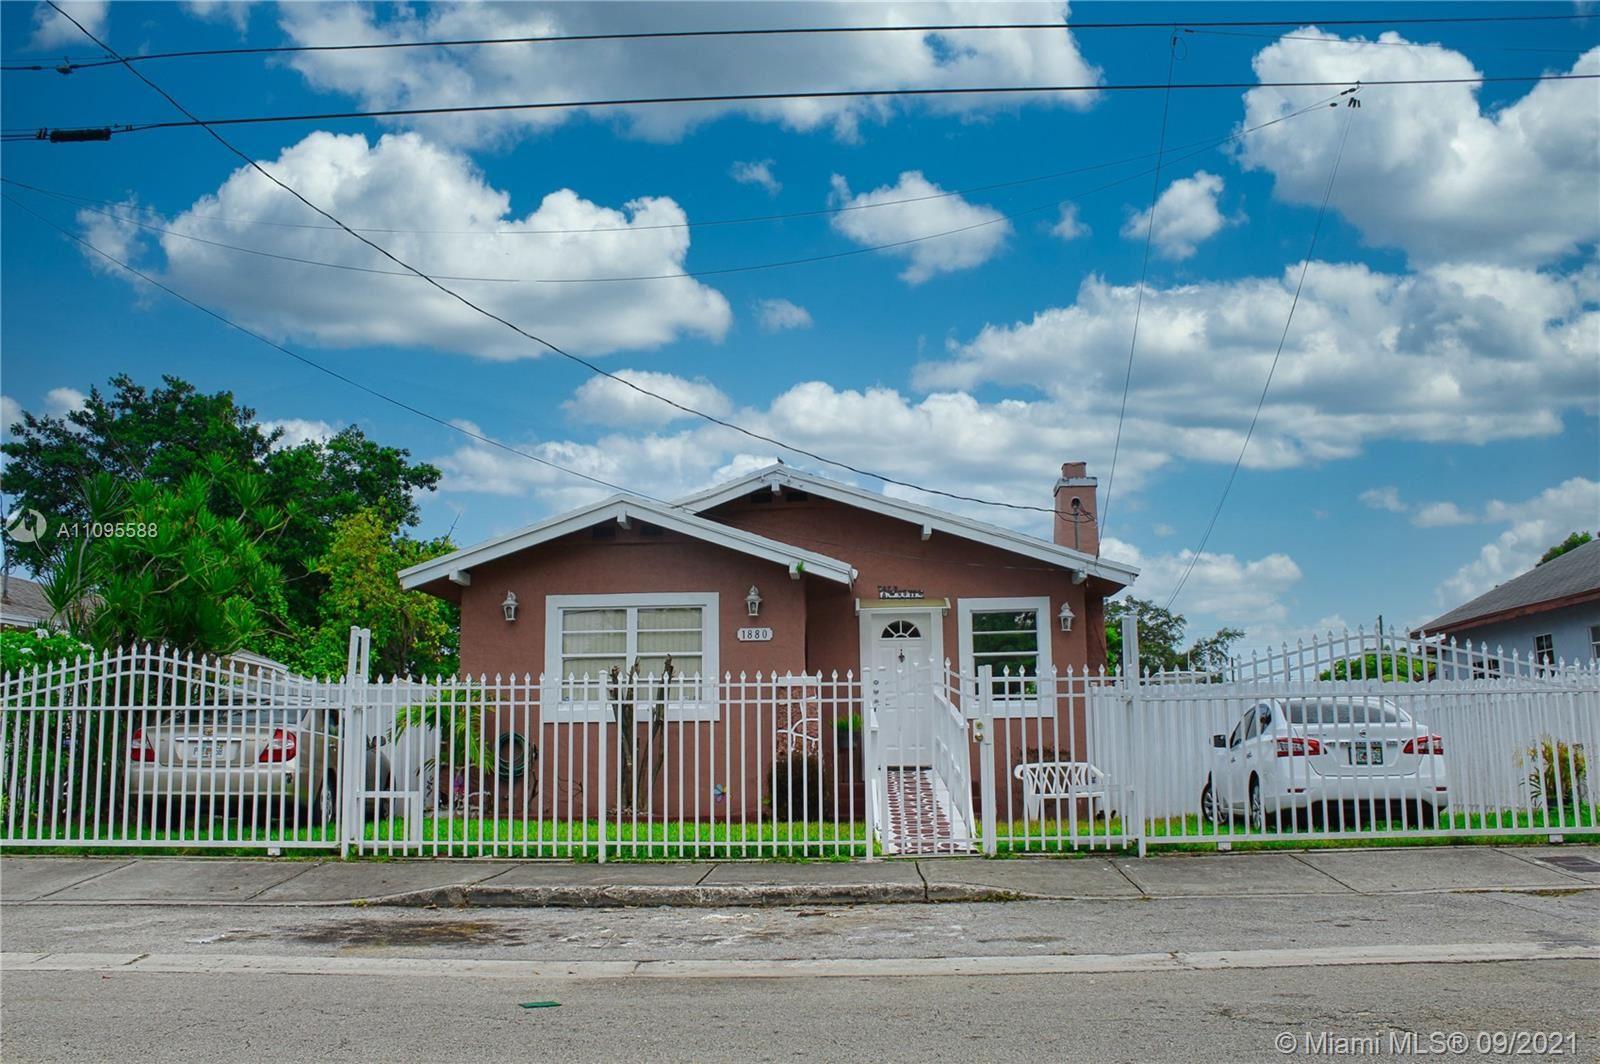 1880 NW 27th St, Miami, FL 33142 - #: A11095588